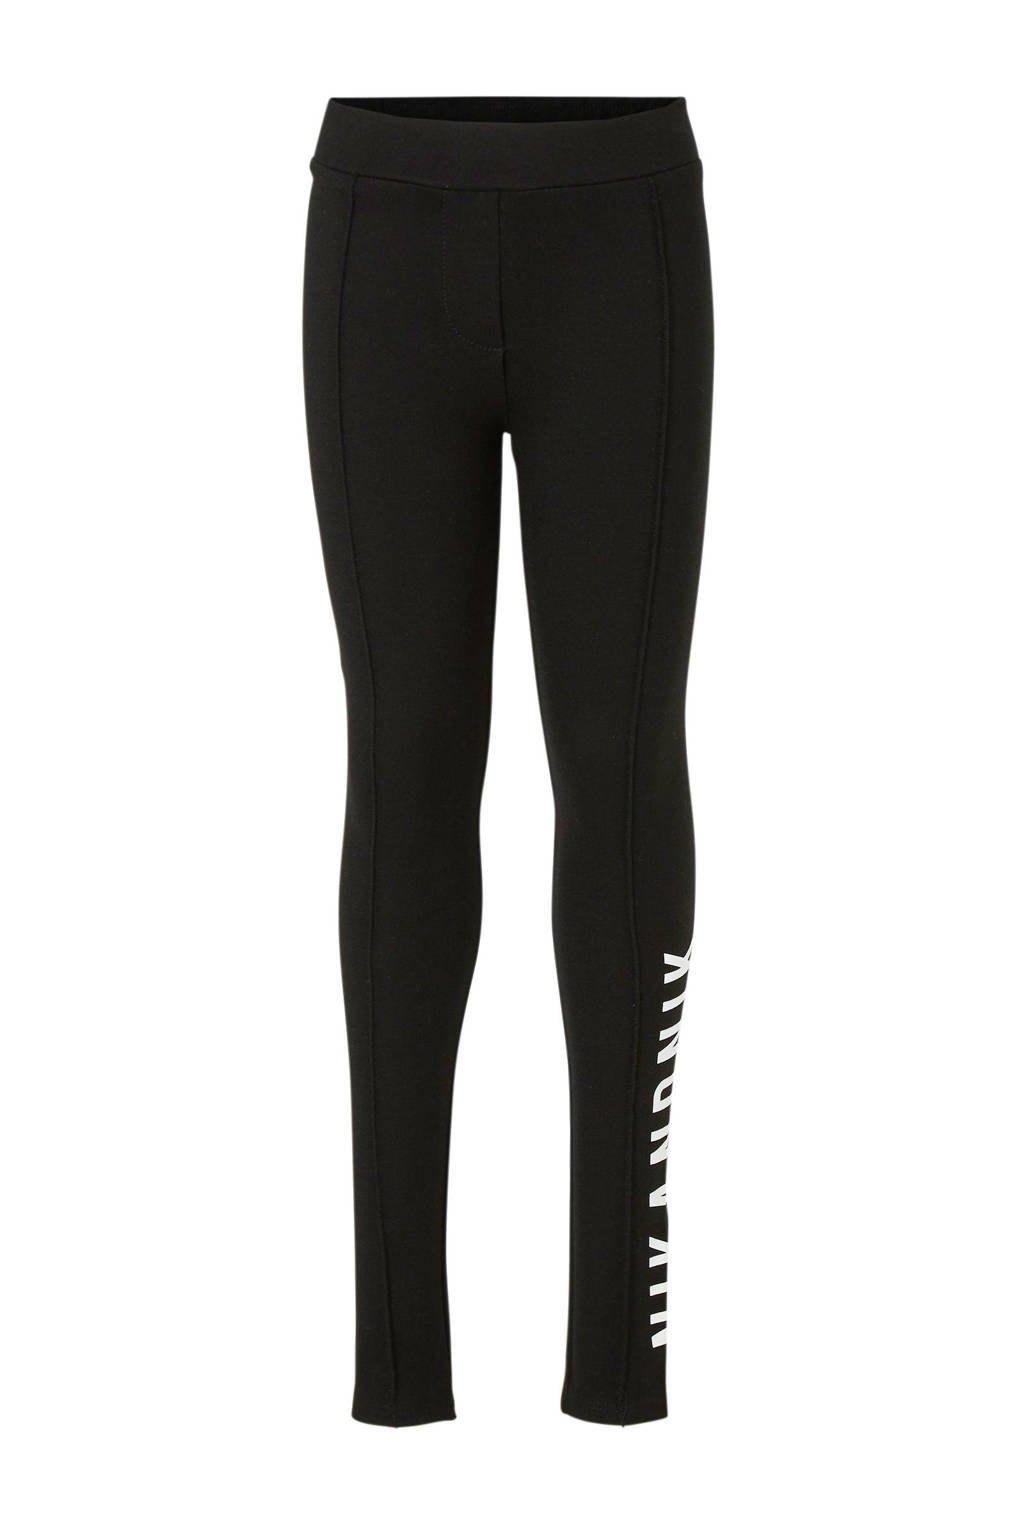 NIK&NIK legging met tekst zwart, Zwart